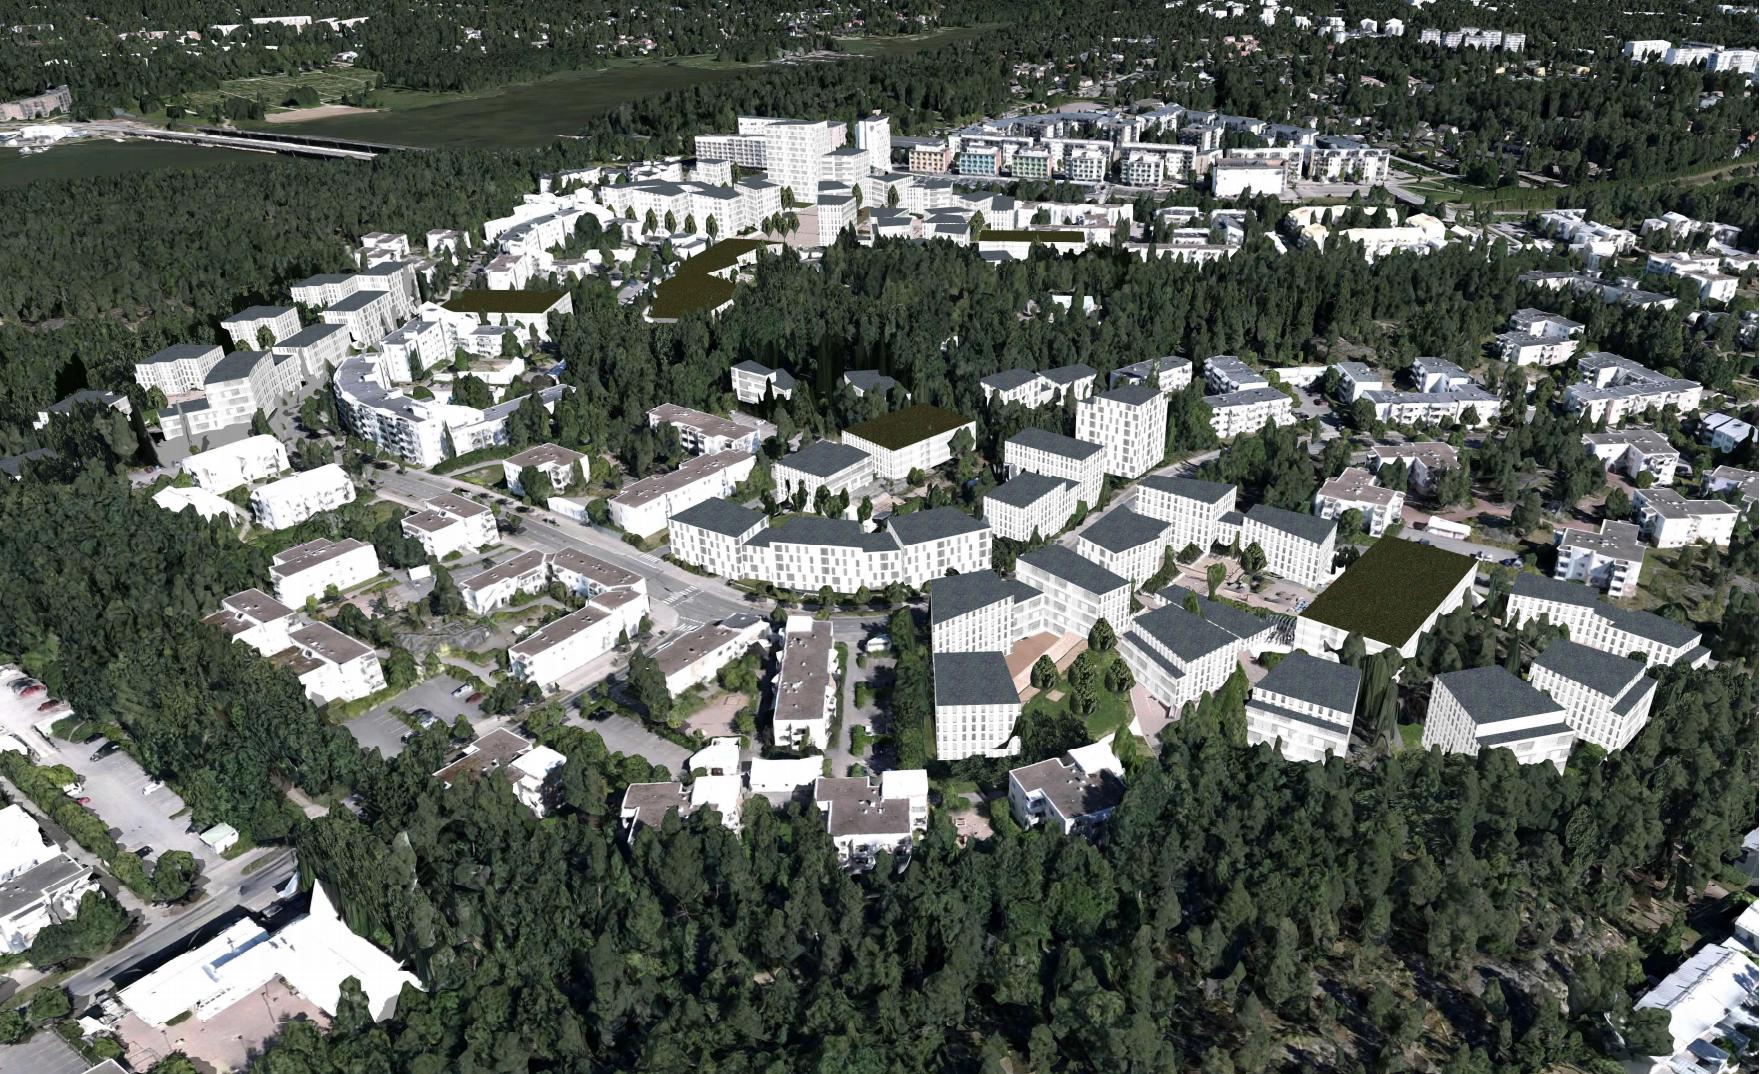 Havainnekuva: Helsingin kaupunki, asemakaavoitus